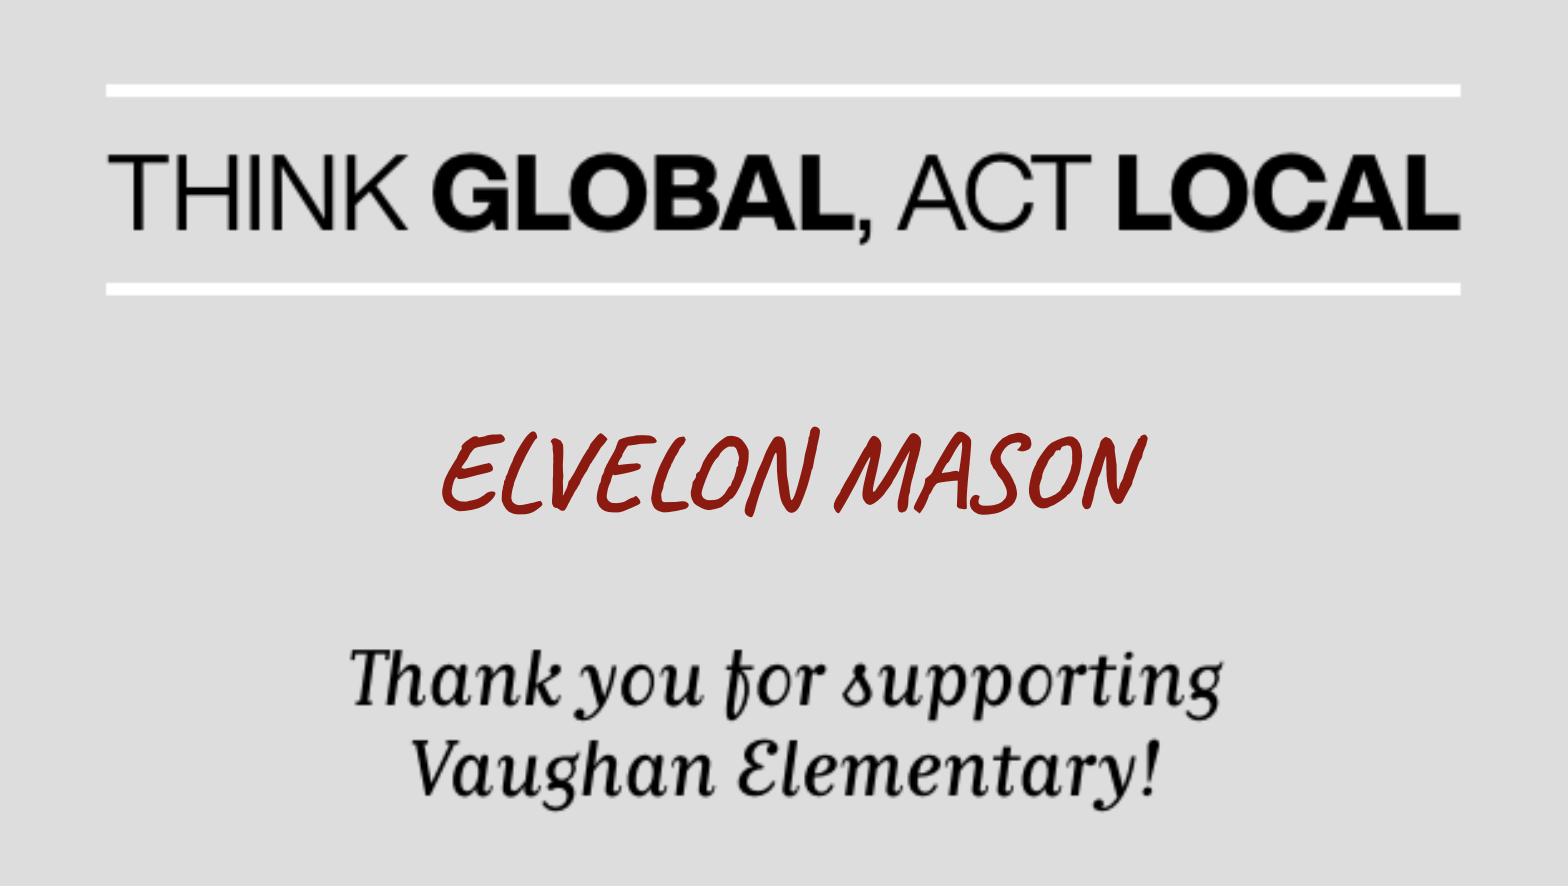 ELVELON MASON